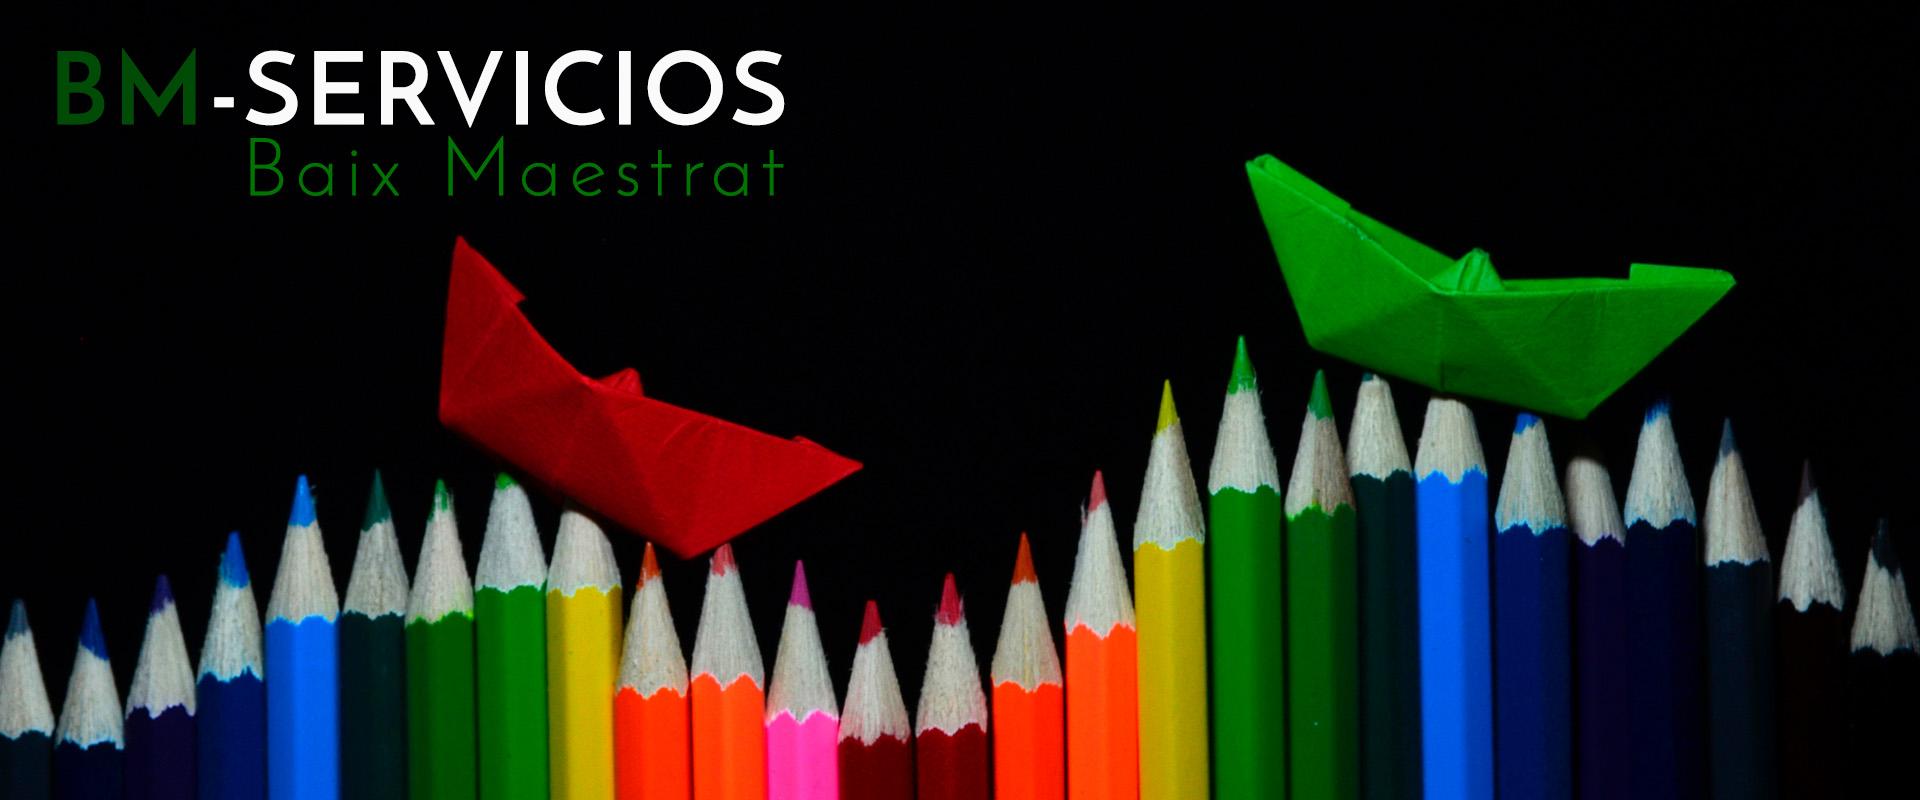 estudio_web_doce_benicarlo-baix_maestrat_servicios